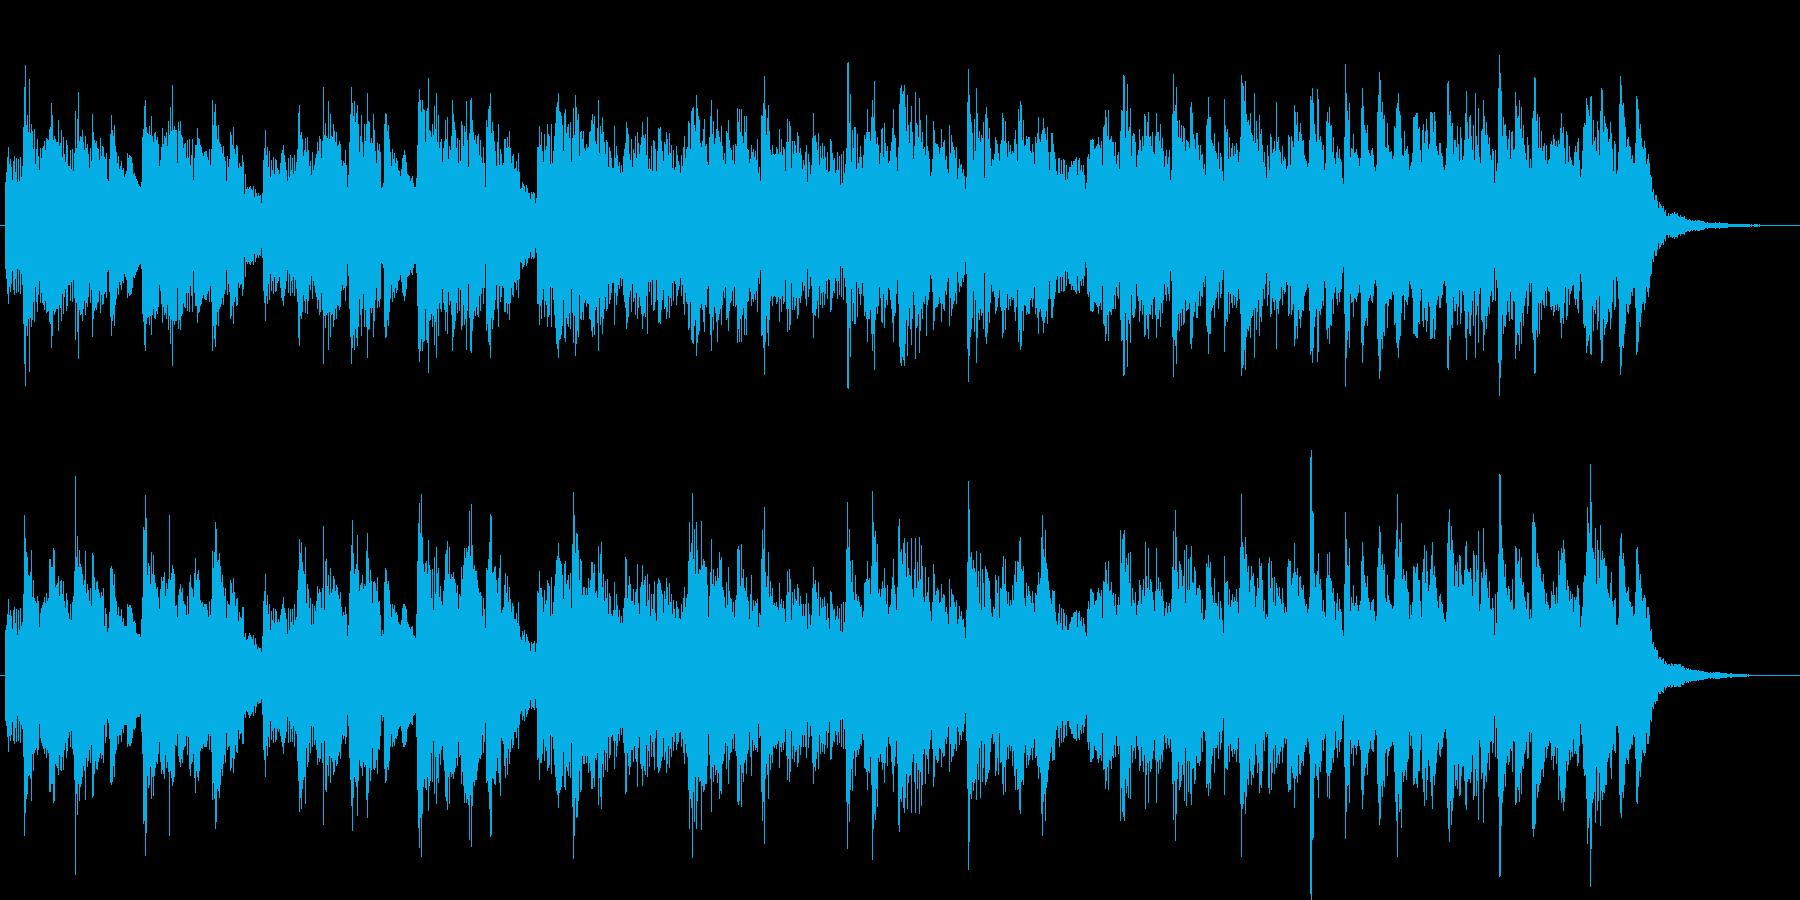 4ビートジャズのジングルの再生済みの波形